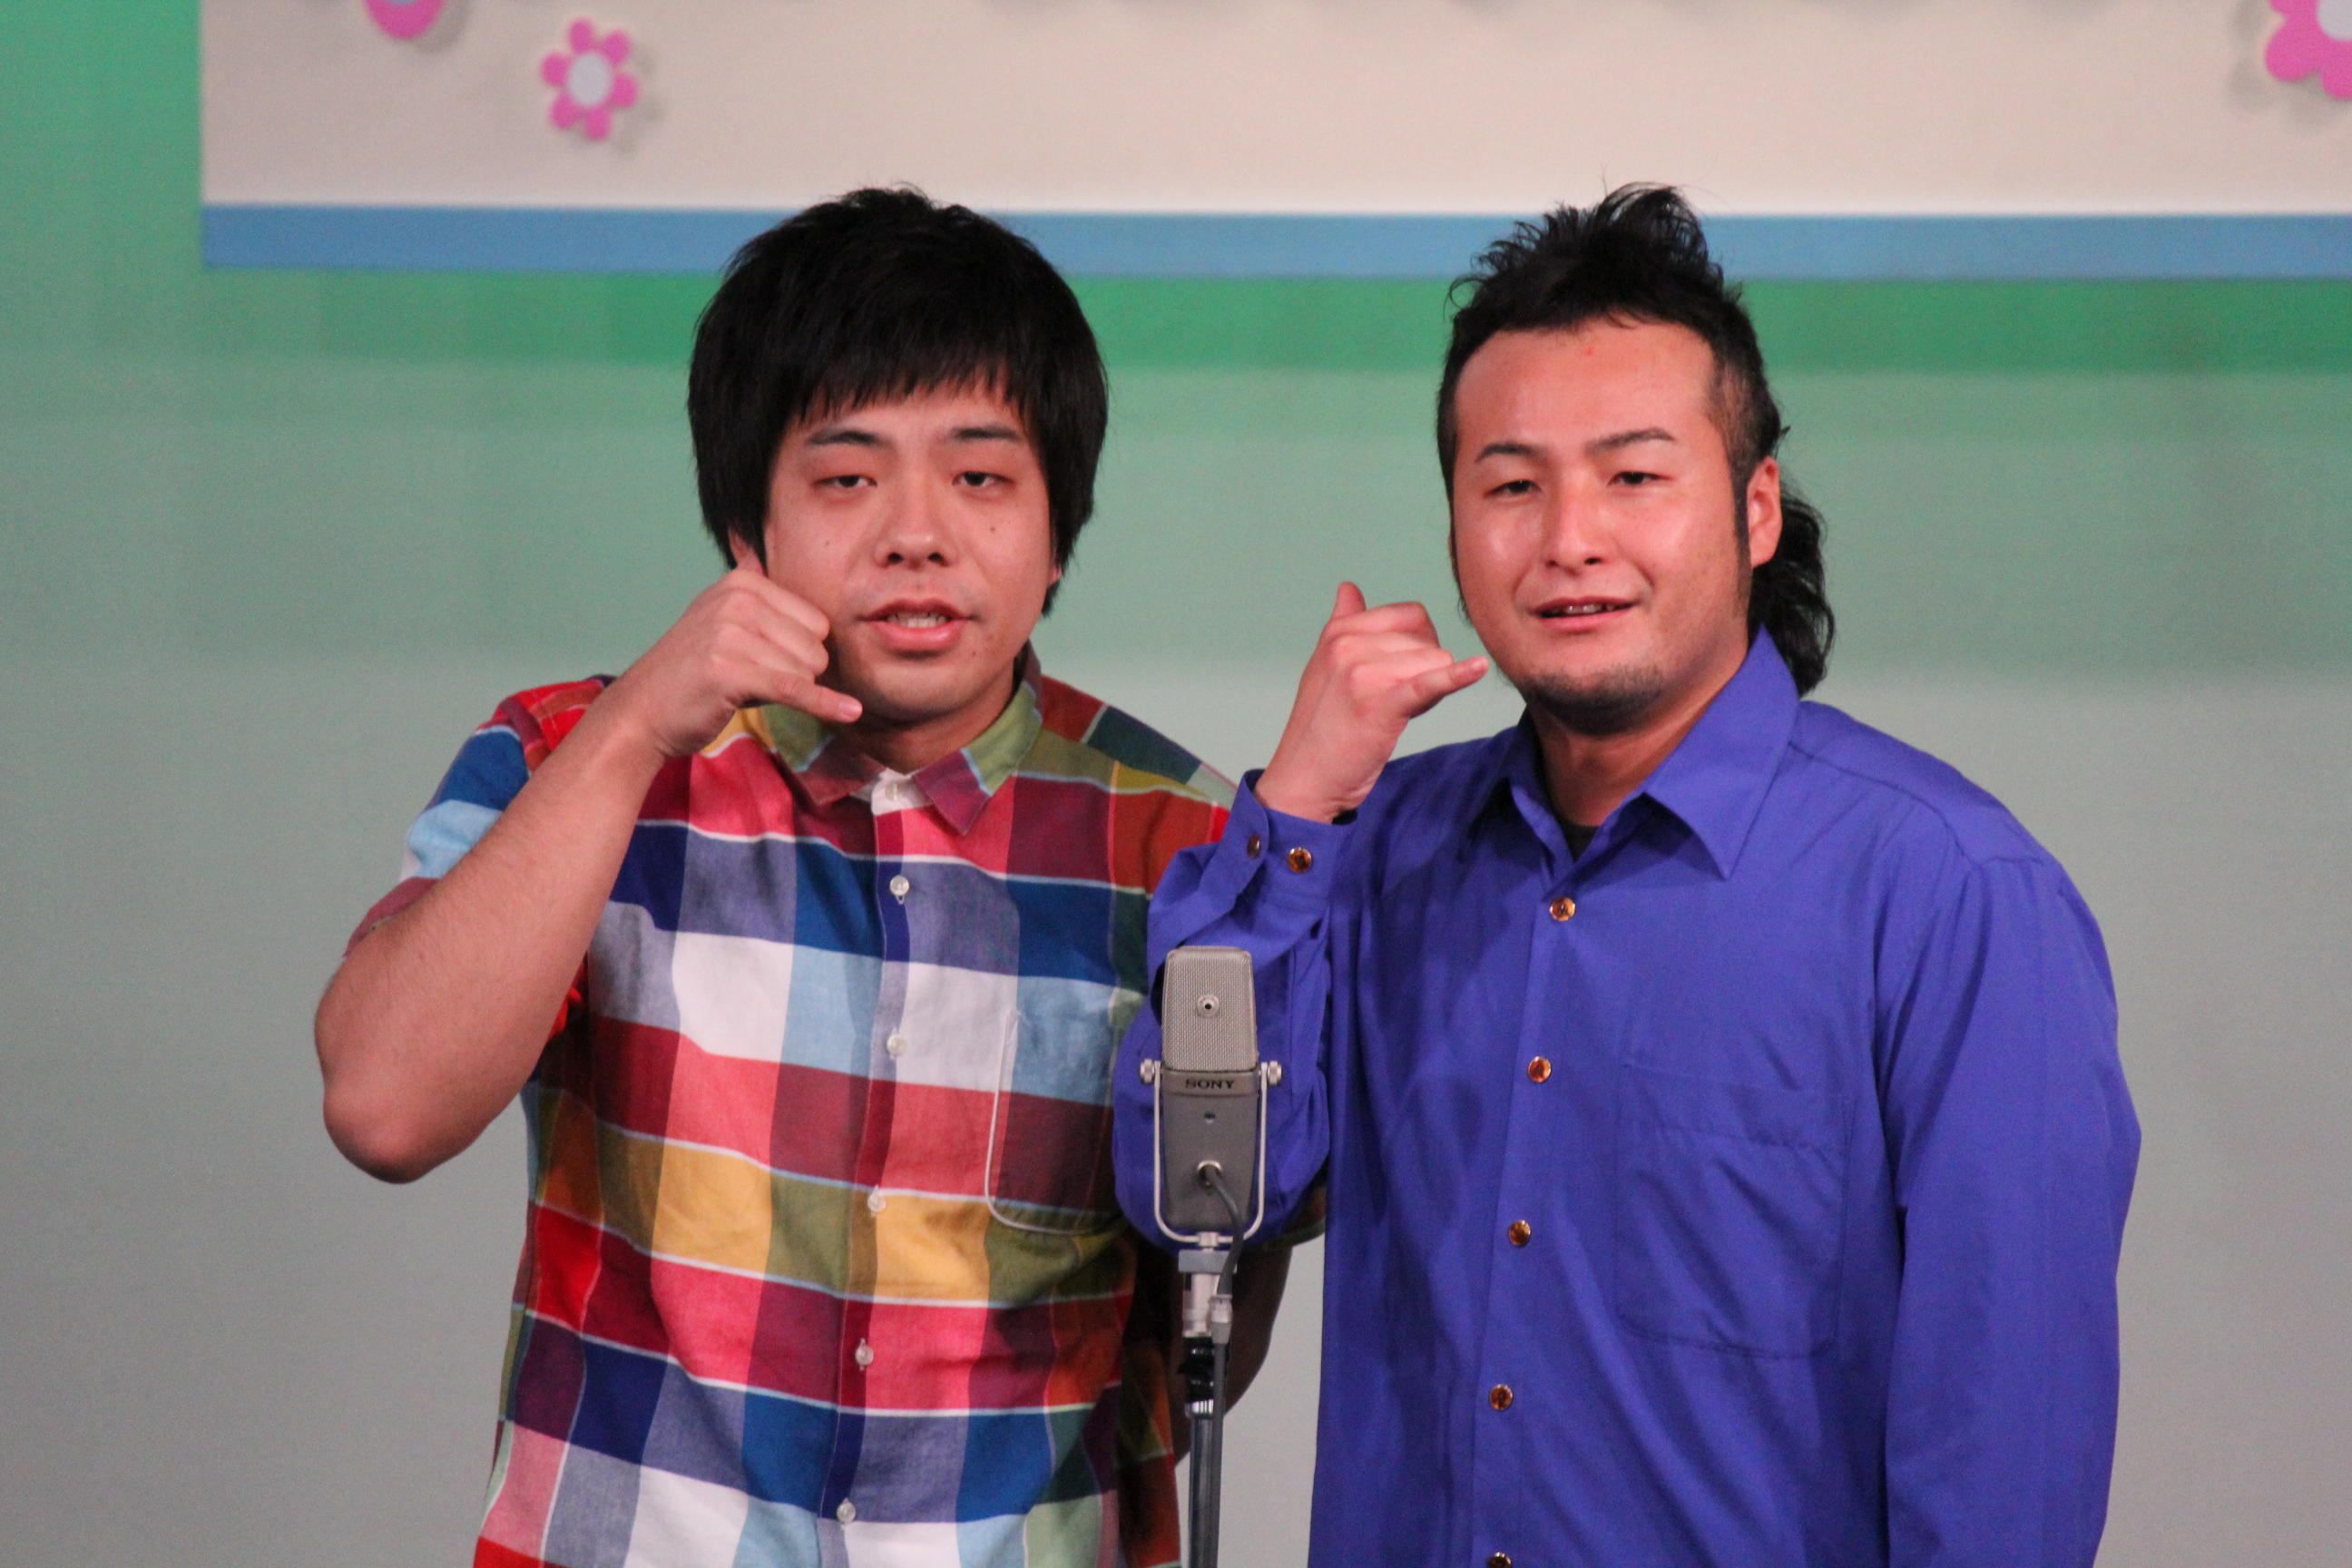 http://news.yoshimoto.co.jp/20151127174537-1695a87488ea6dc9cc9c96d489808dc9f72e59f4.jpg